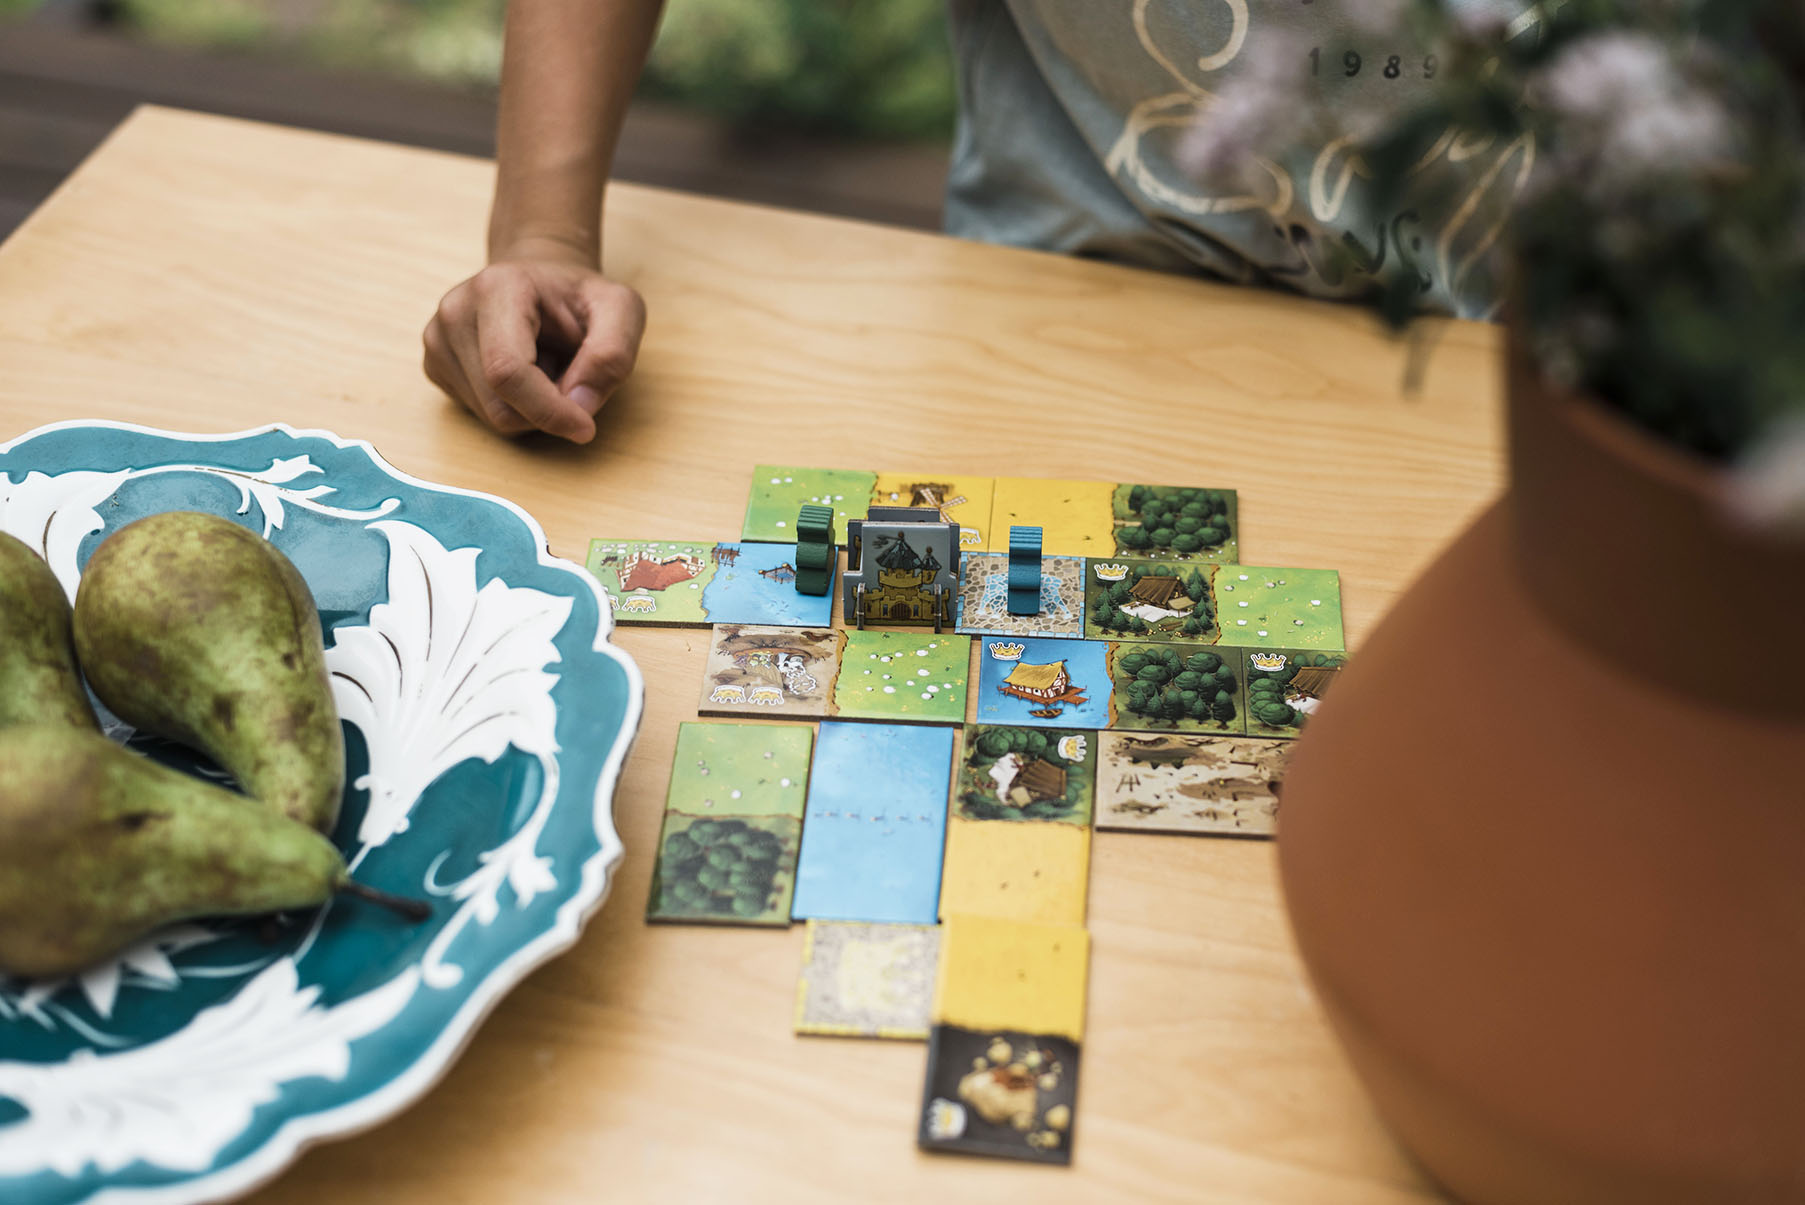 gry planszowe dla dzieci ladnebebe